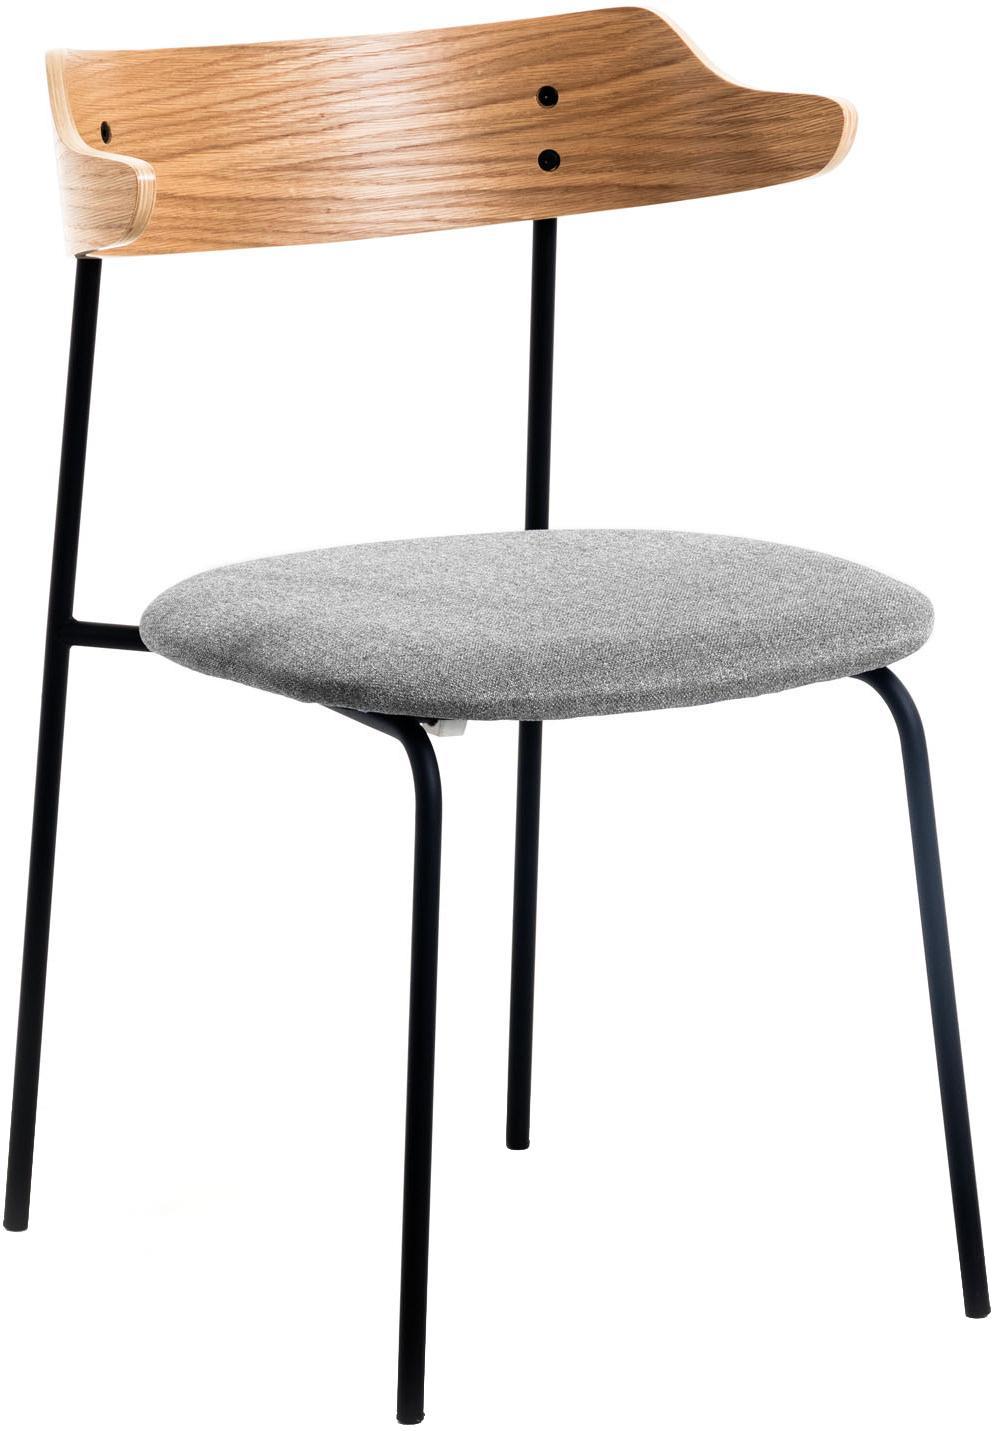 Krzesło tapicerowane Olympia, 2 szt., Szary, drewno dębowe, S 52 x G 49 cm